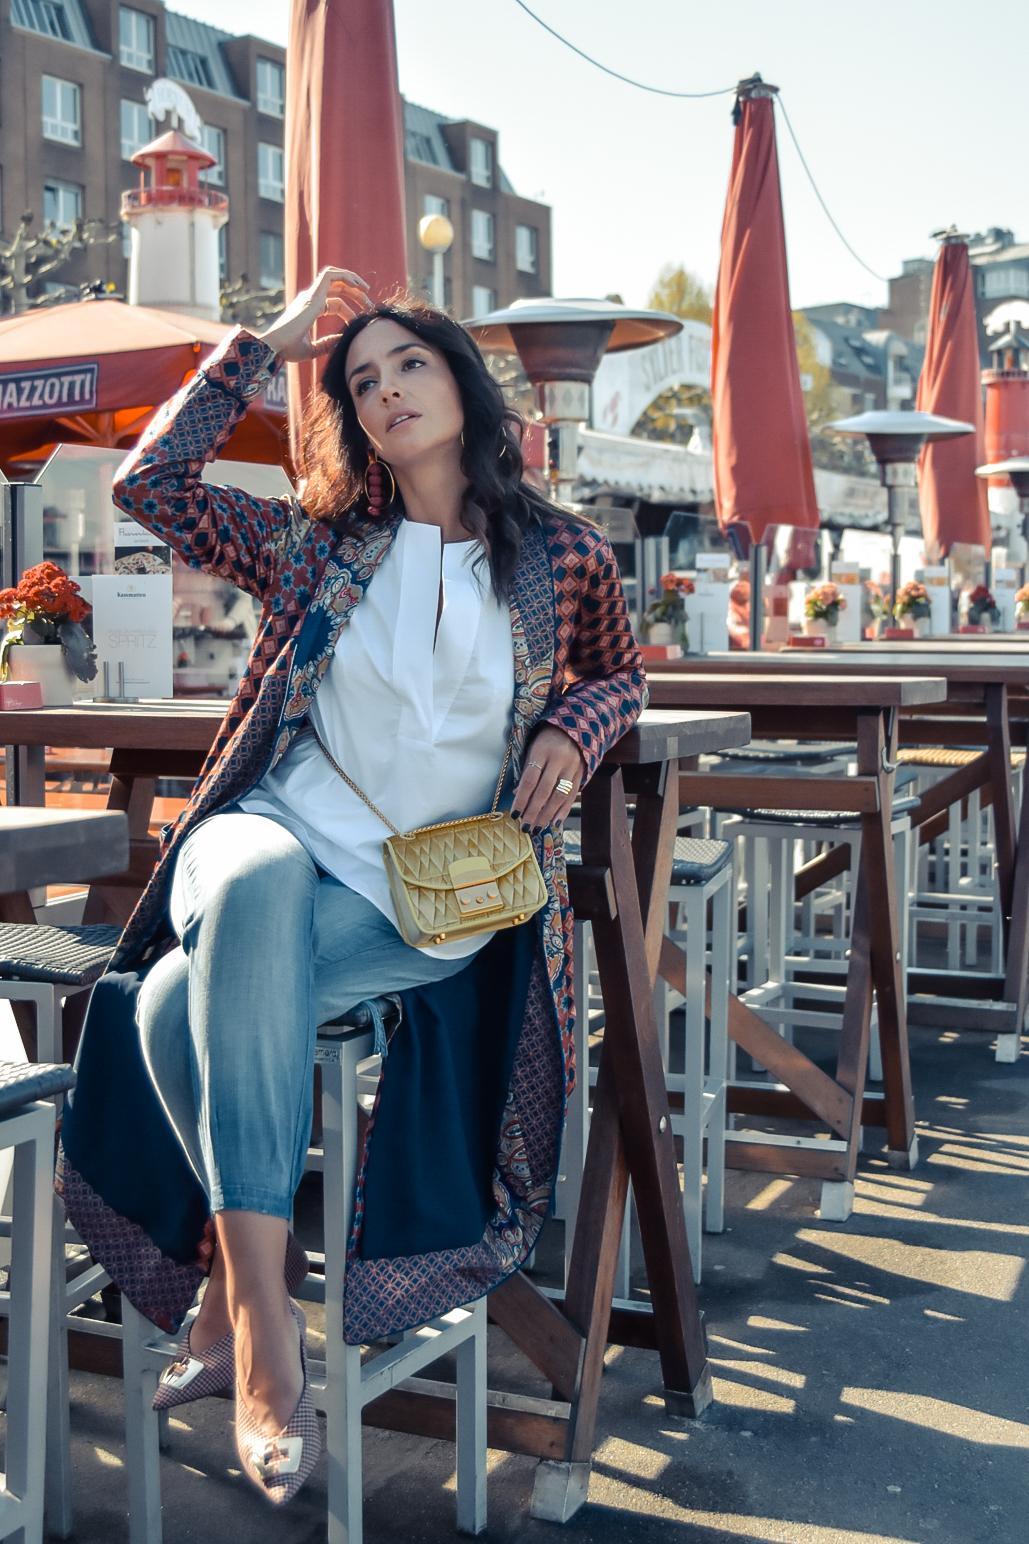 el-blog-de-silvia-viajar-dusseldorf-kimono-largo-estampado-jeans-levis-03